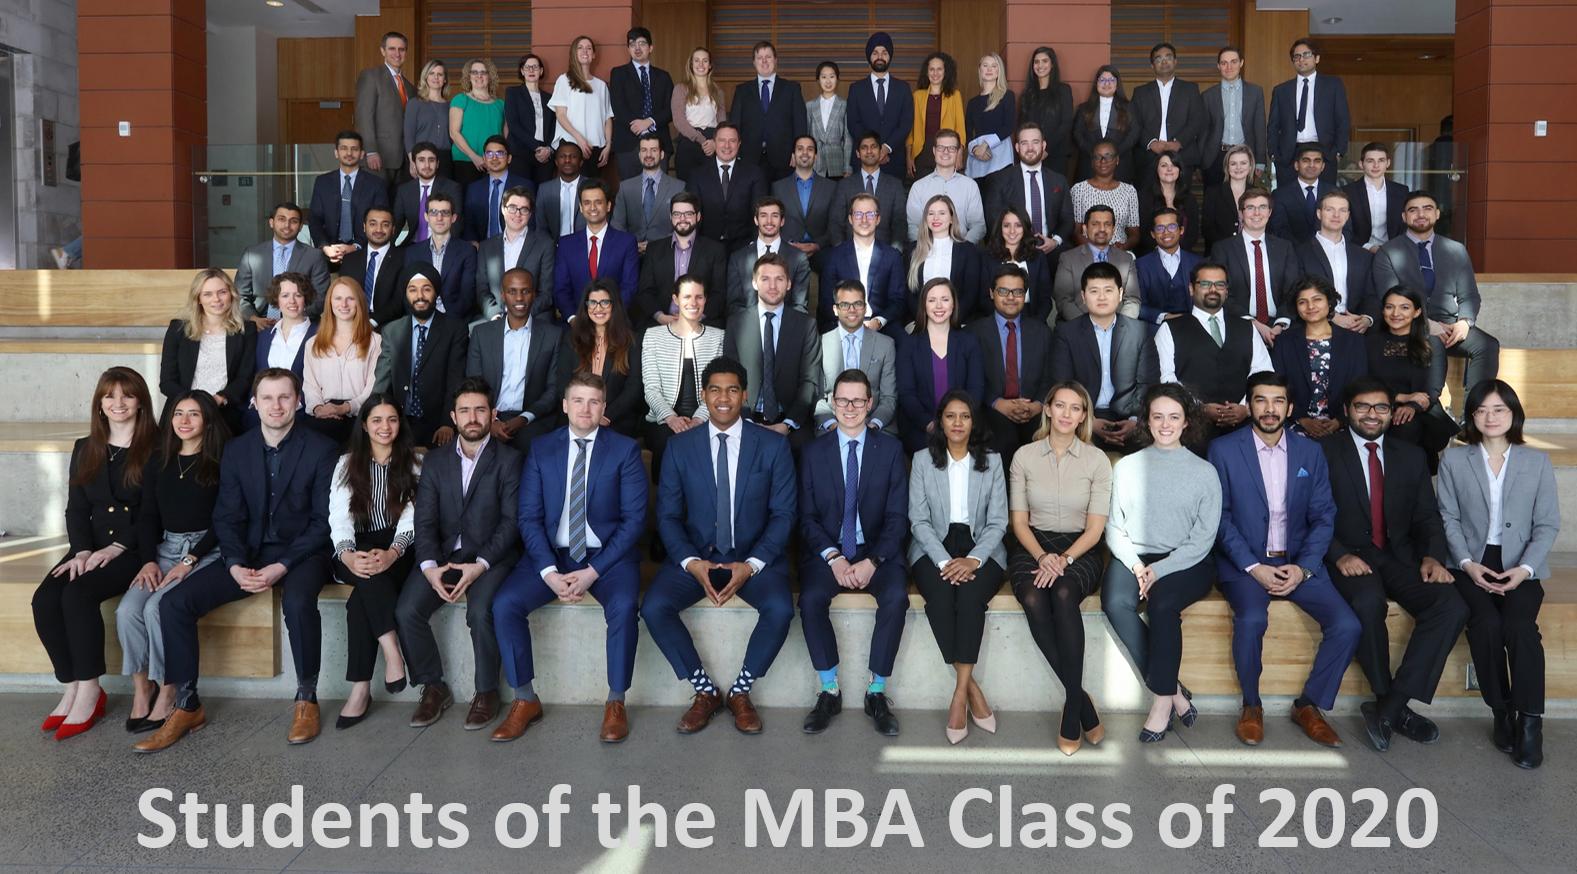 MBA 1979 image